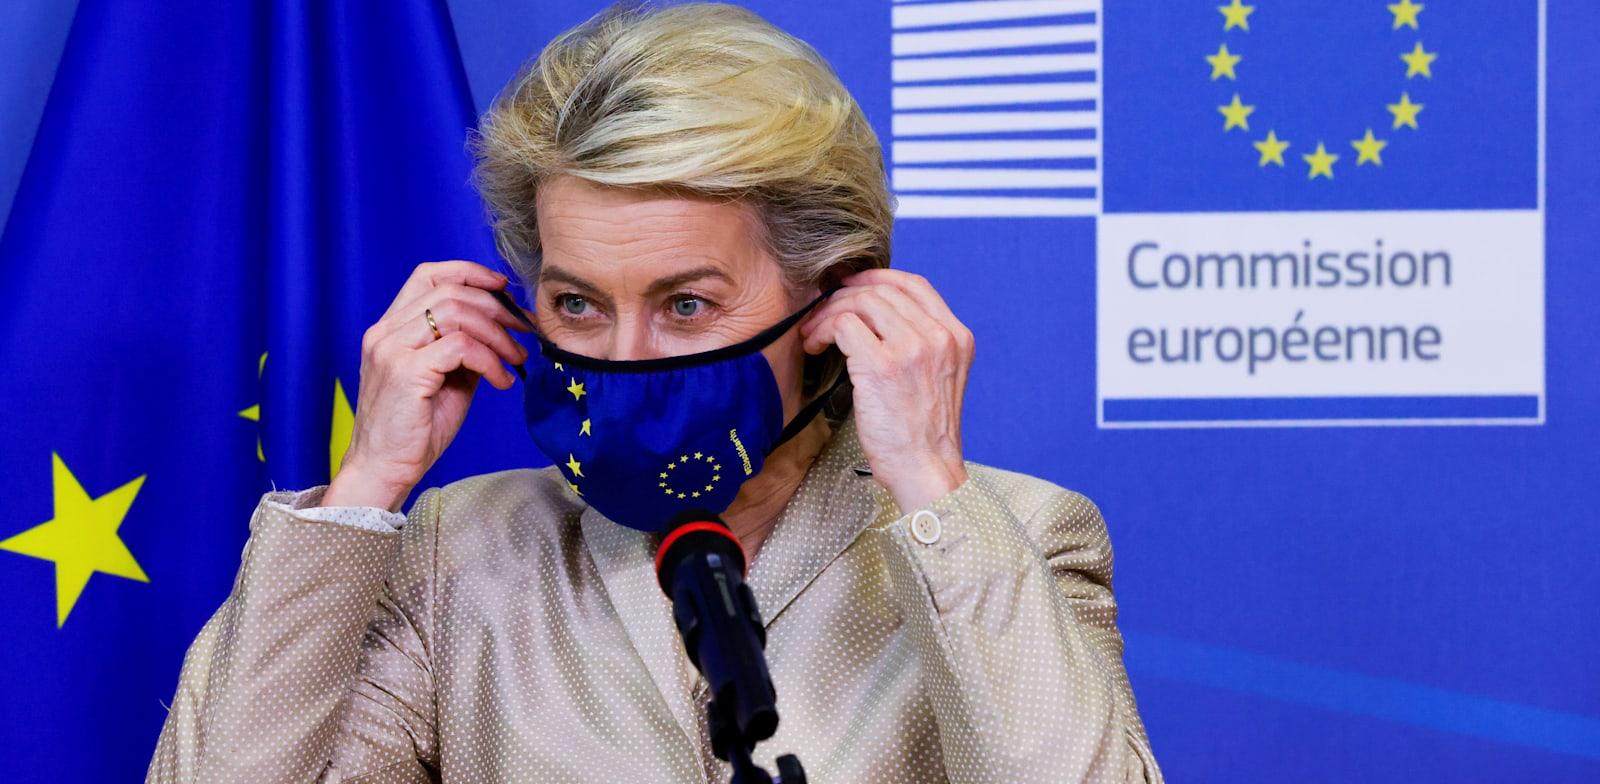 נשיאת הנציבות האירופית אורסולה פון דר ליין / צילום: Reuters, PASCAL ROSSIGNOL